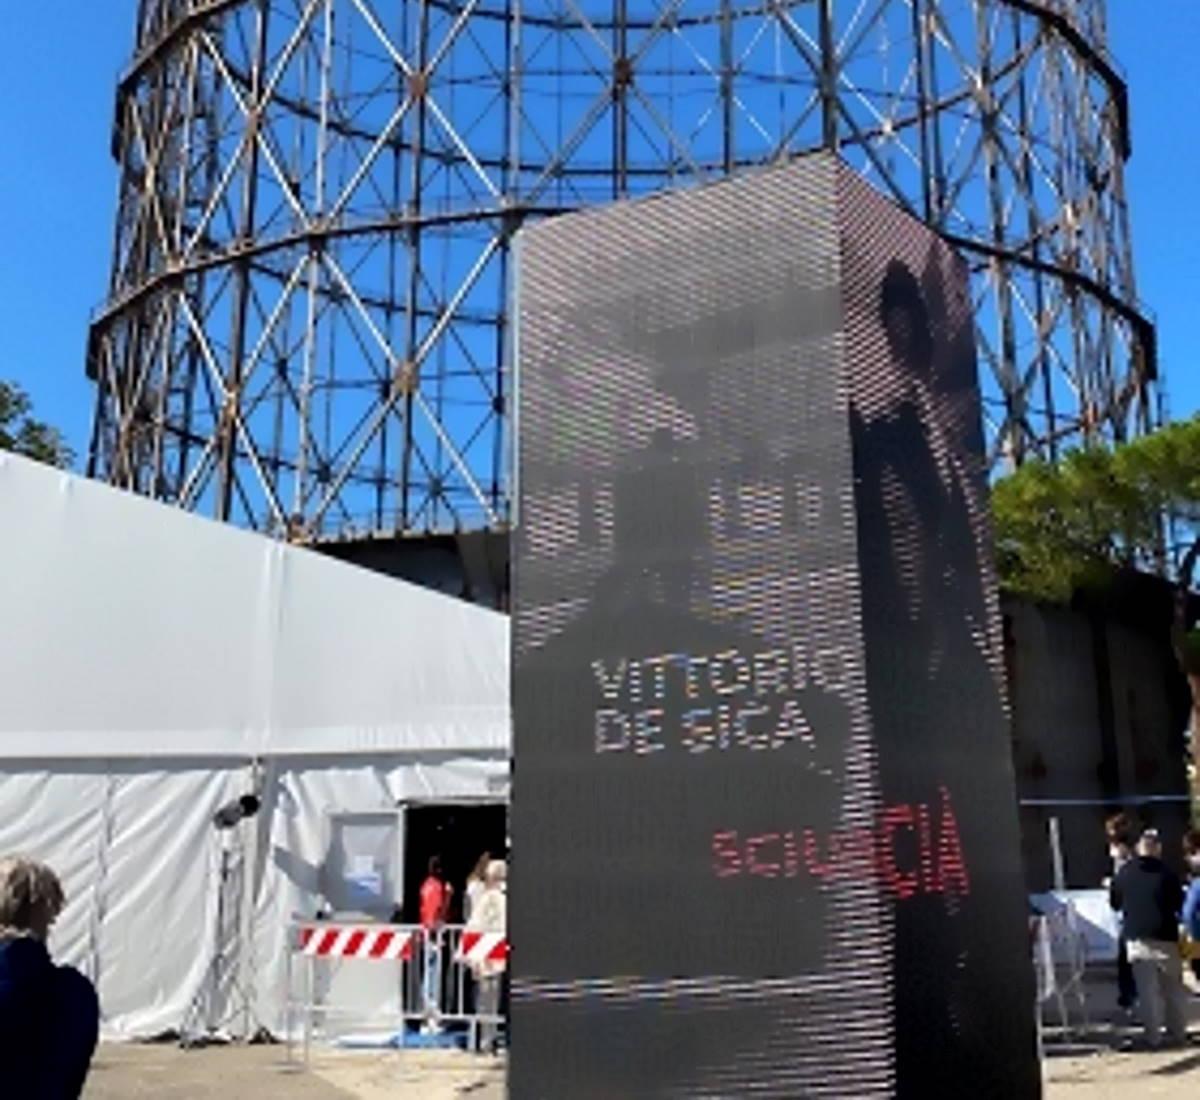 Si è chiusa a Roma Maker Faire, importantissima manifestazione dedicata all'innovazione